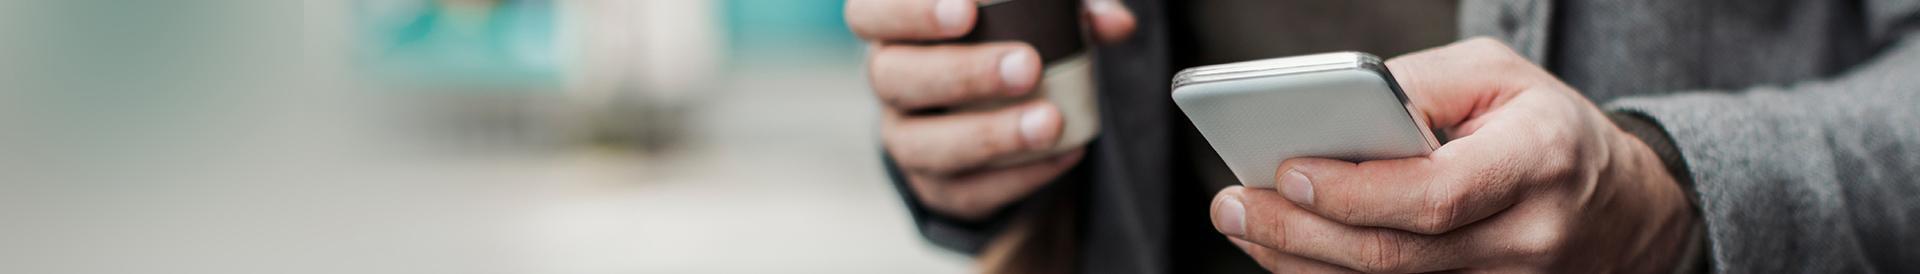 Mężczyzna używa telefonu komórkowego - Banner Kontakt